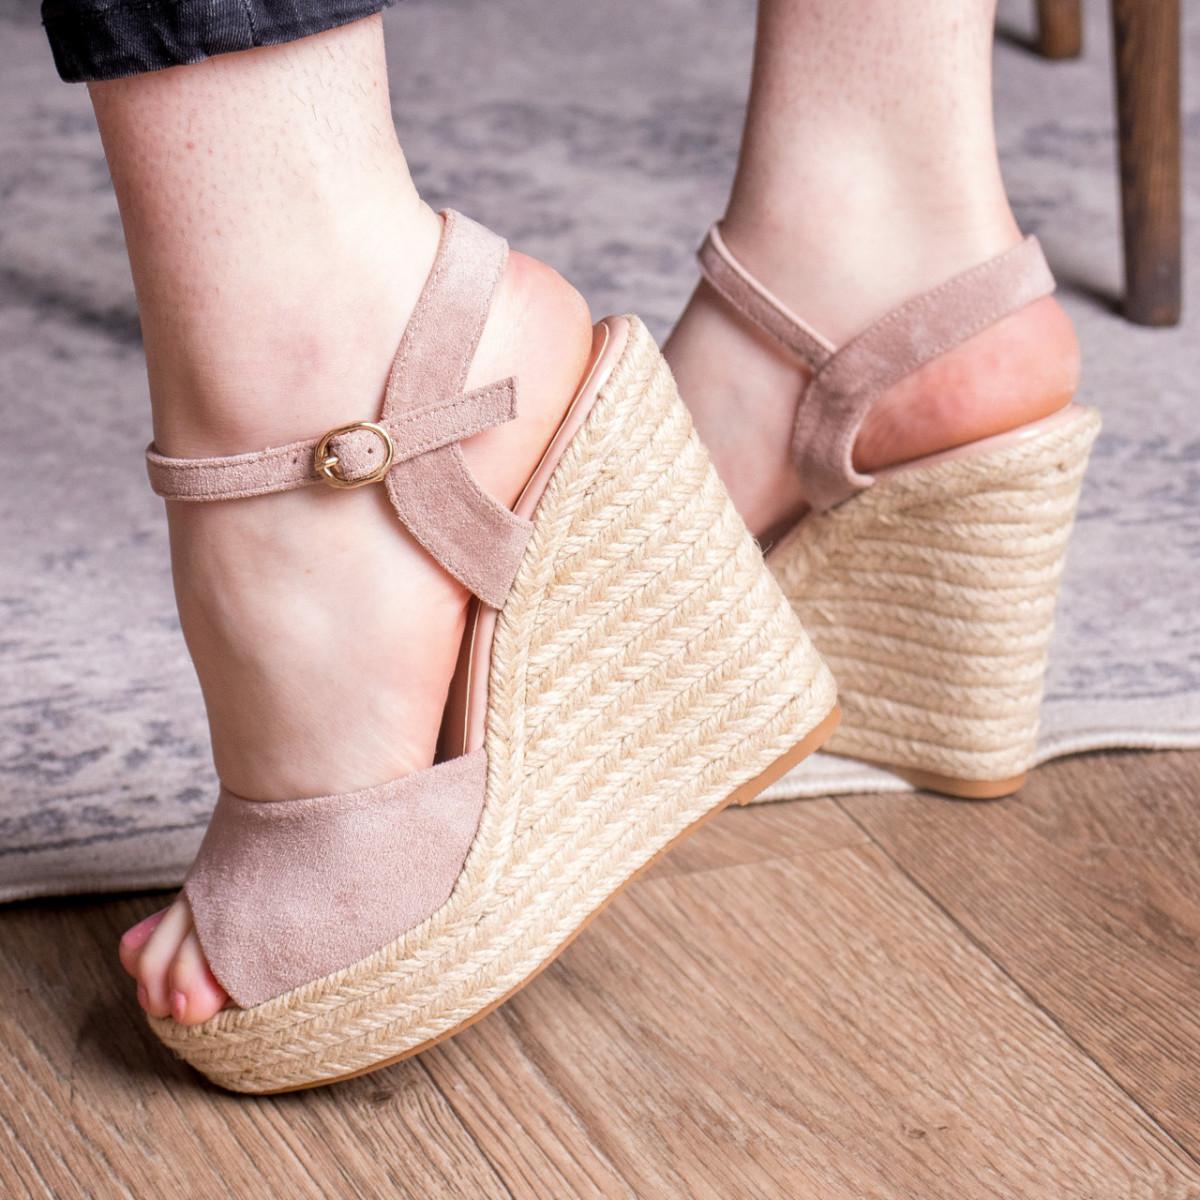 Жіночі босоніжки Fashion Abendigo 2829 37 розмір 24 см Бежевий